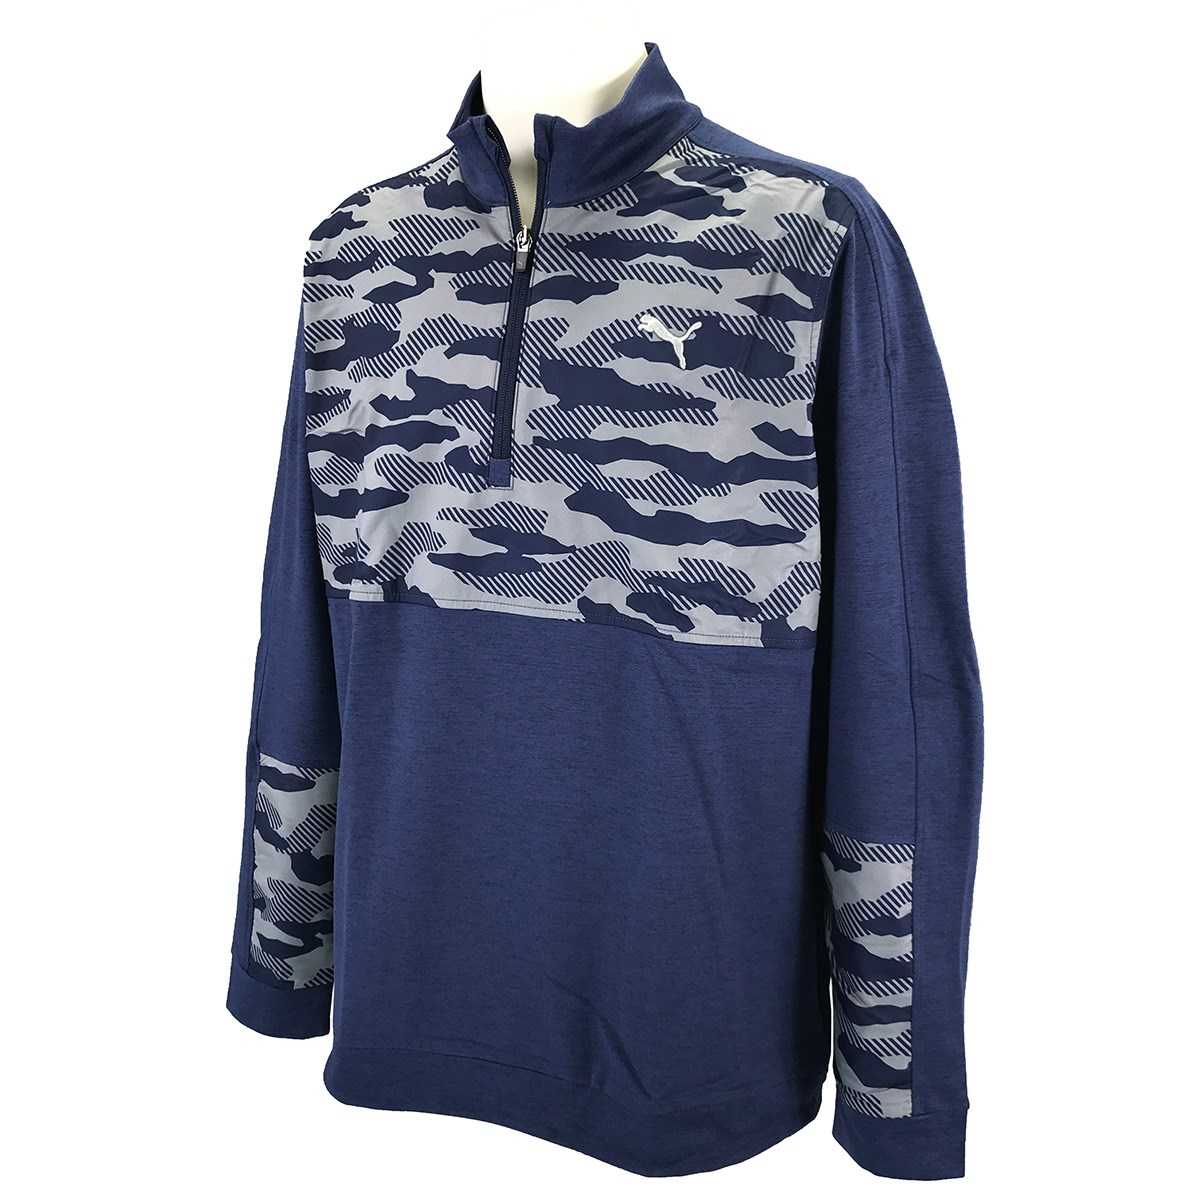 プーマ PUMA クラウドスパン カモ 1/4ジップ 長袖シャツ XS ピーコート 03